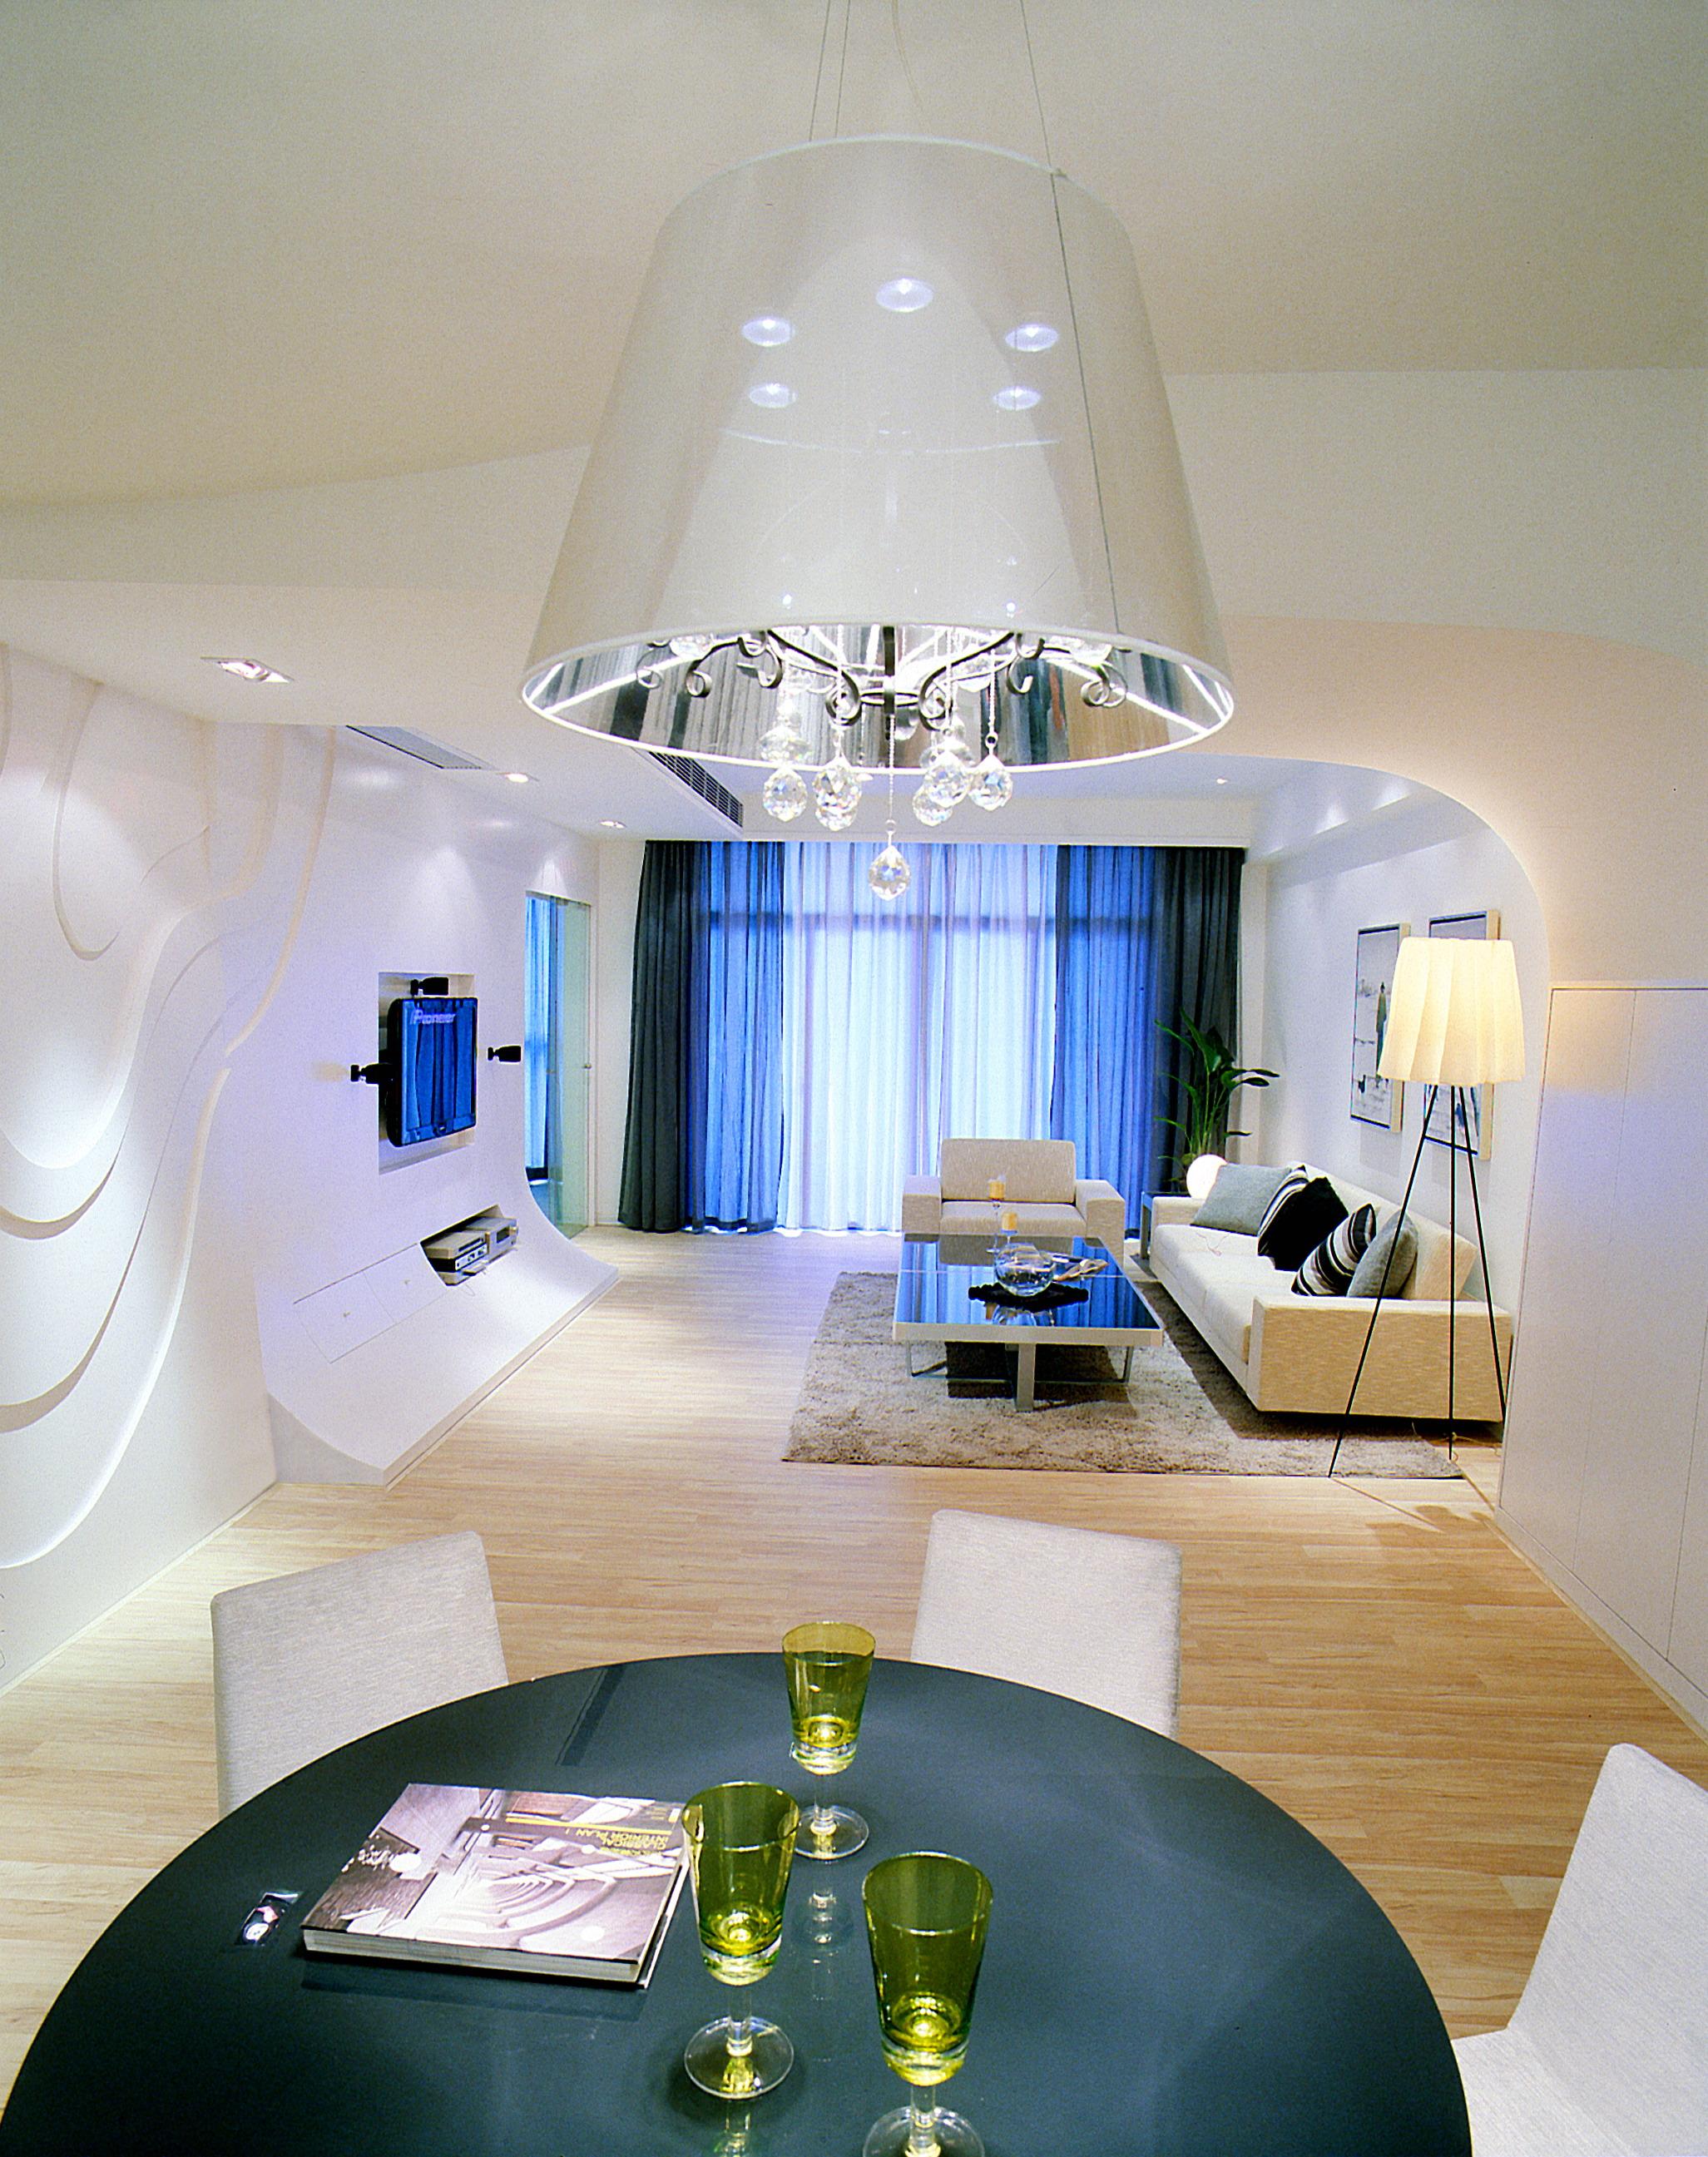 别墅装修 装修风格 装修设计 室内设计 北京软装 软装设计 客厅图片来自别墅装修设计yan在现代简约鲁能七号院的分享